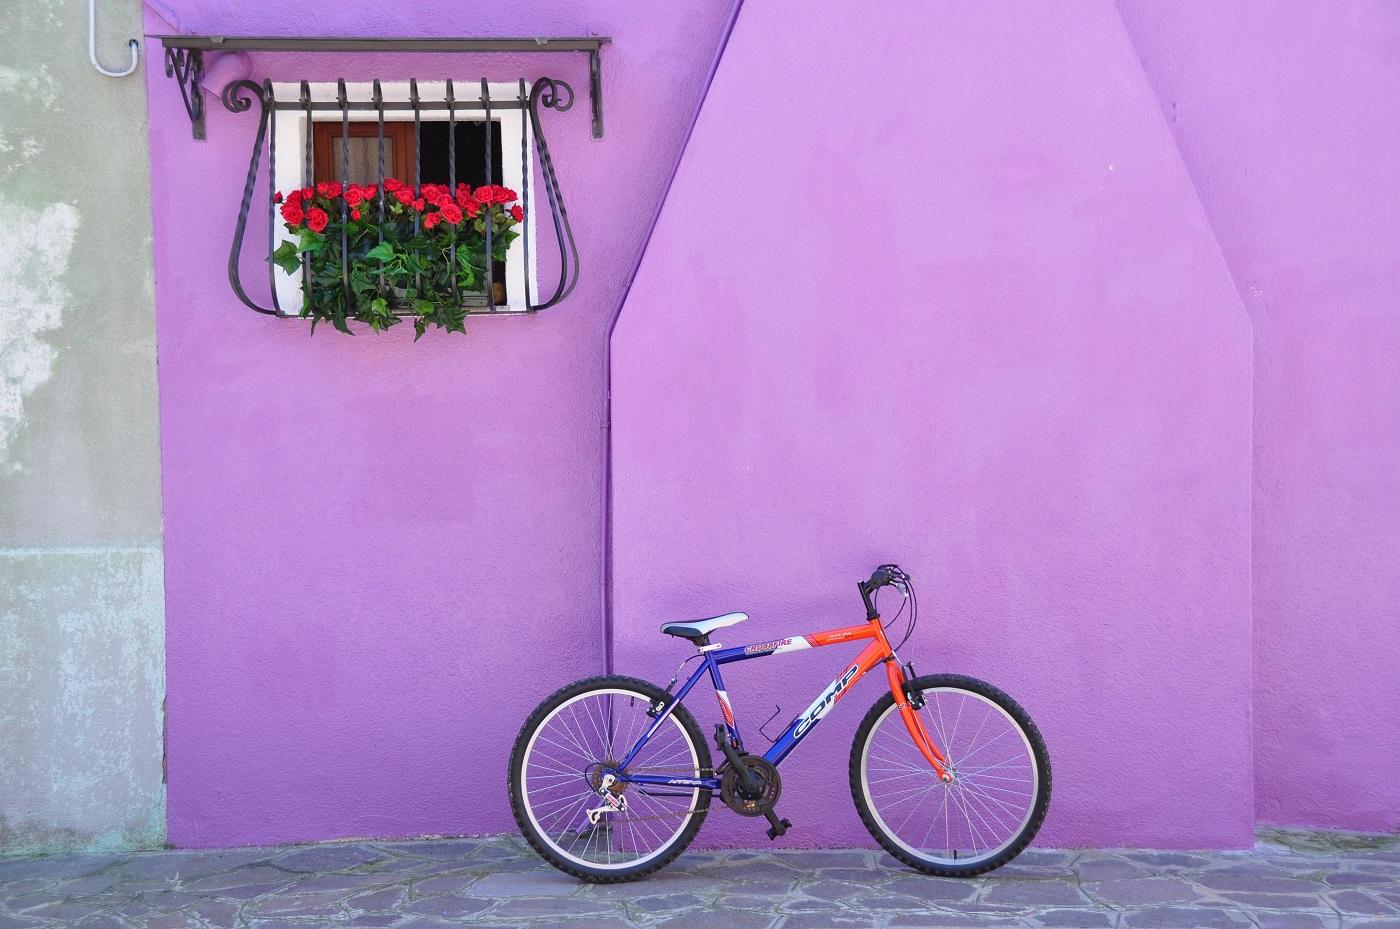 Bicicleta, cel mai bun mijloc de transport